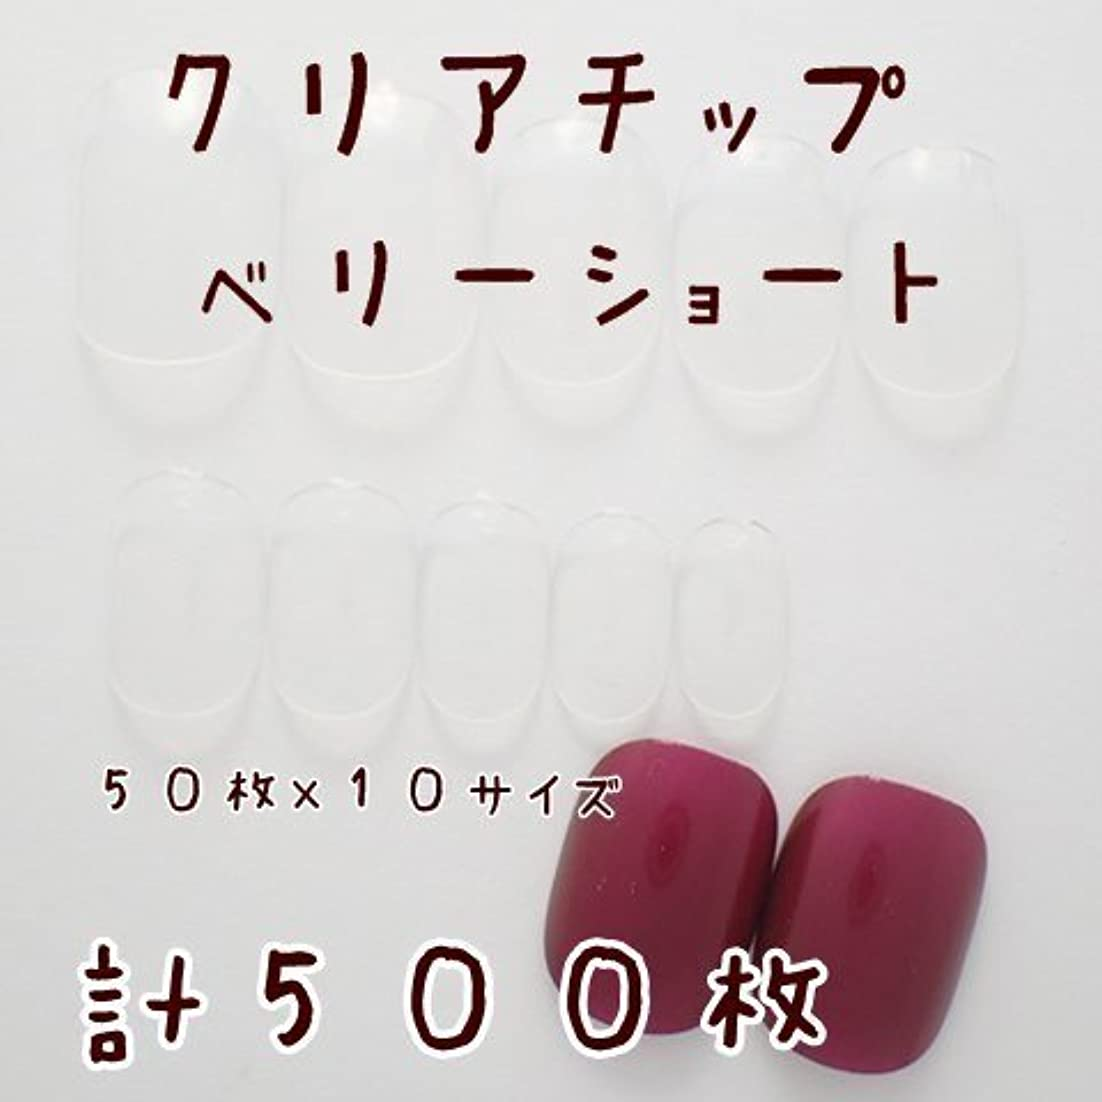 スピンディレイコウモリDINAネイル クリアネイルチップ【ベリーショート】50枚×10サイズ計500枚 ネイルチップ